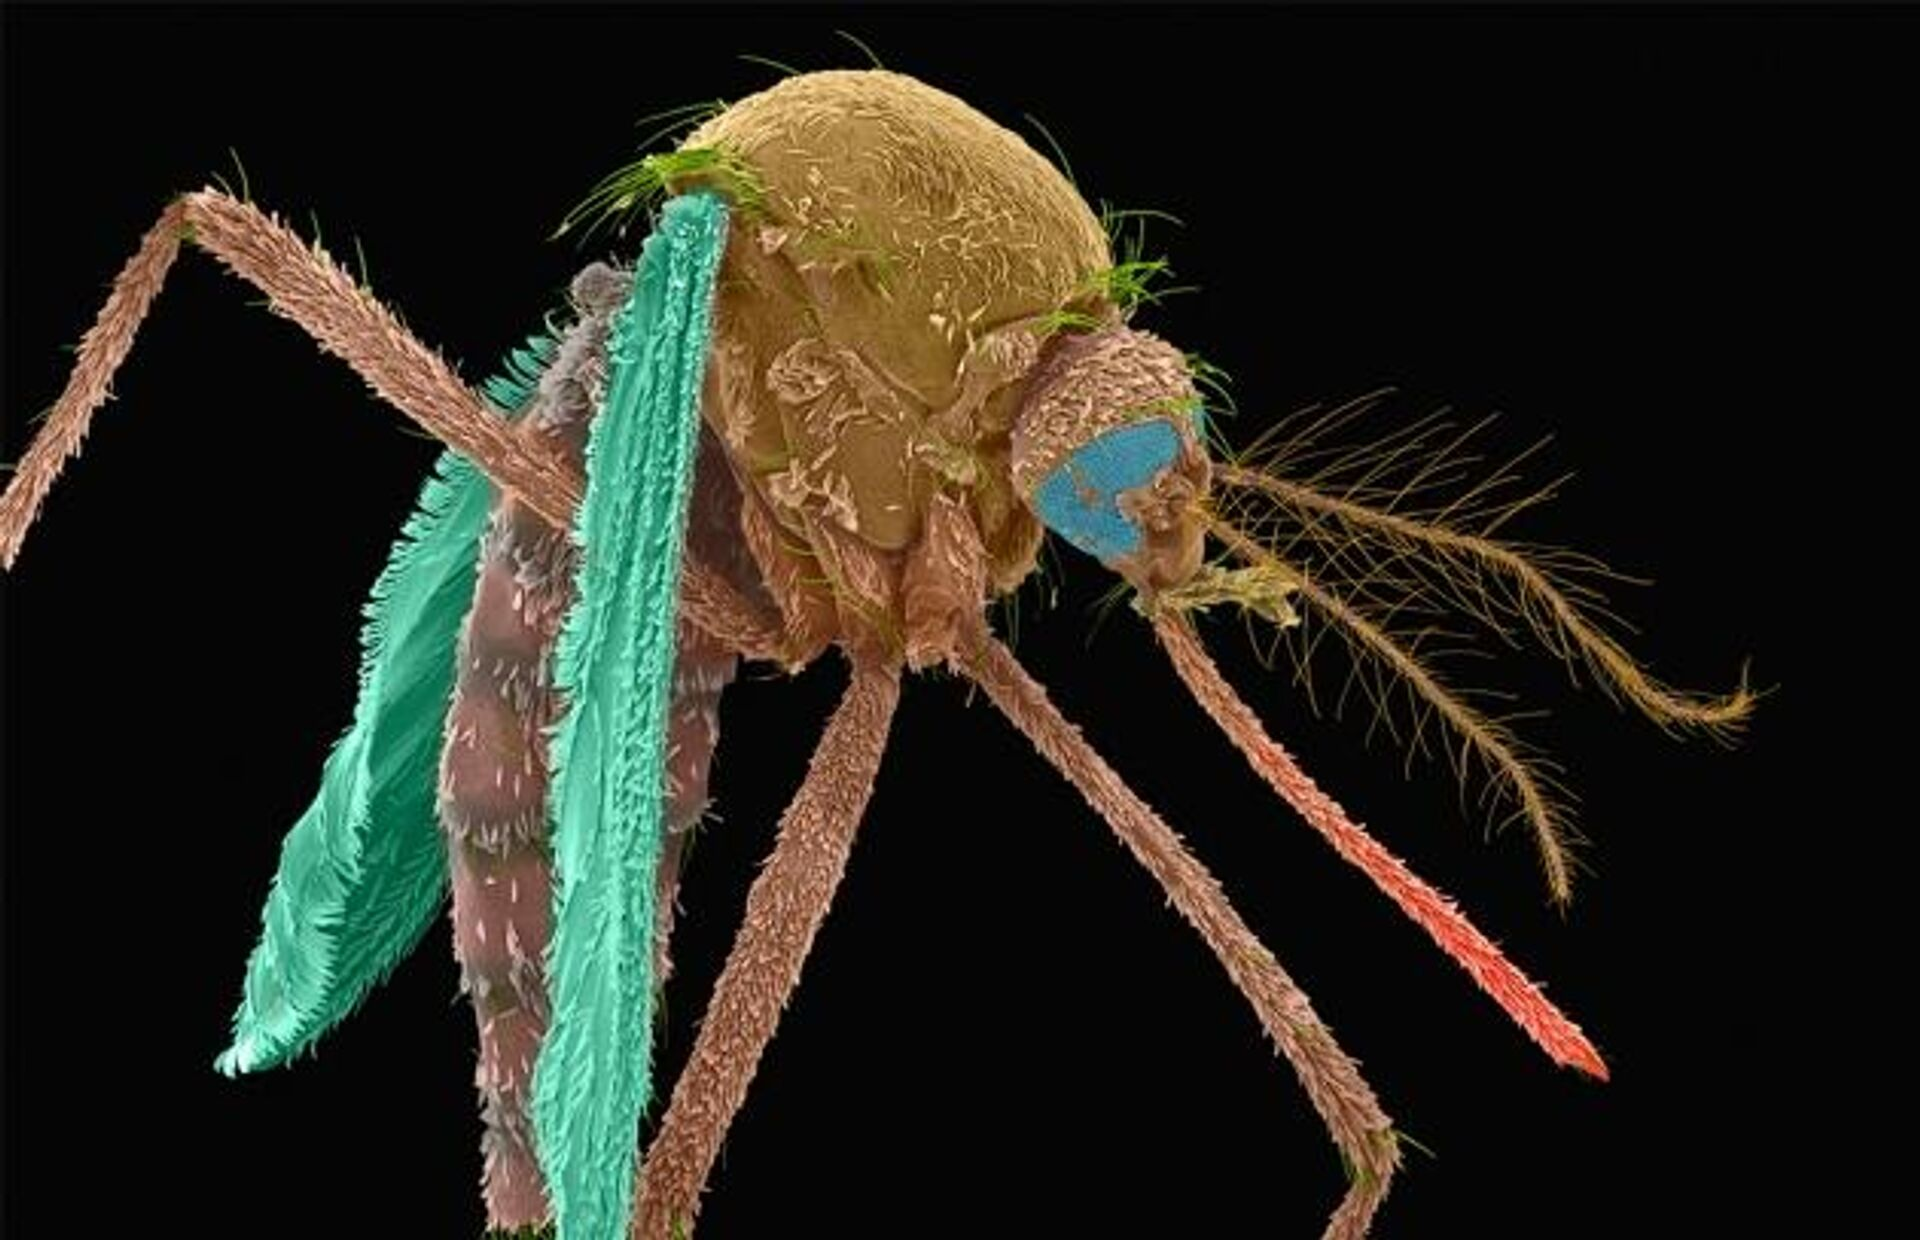 Выращенные в лаборатории москиты, разработанные MosquitoMate, направлены на уничтожение диких комаров переносчиков болезней  - РИА Новости, 1920, 02.06.2021